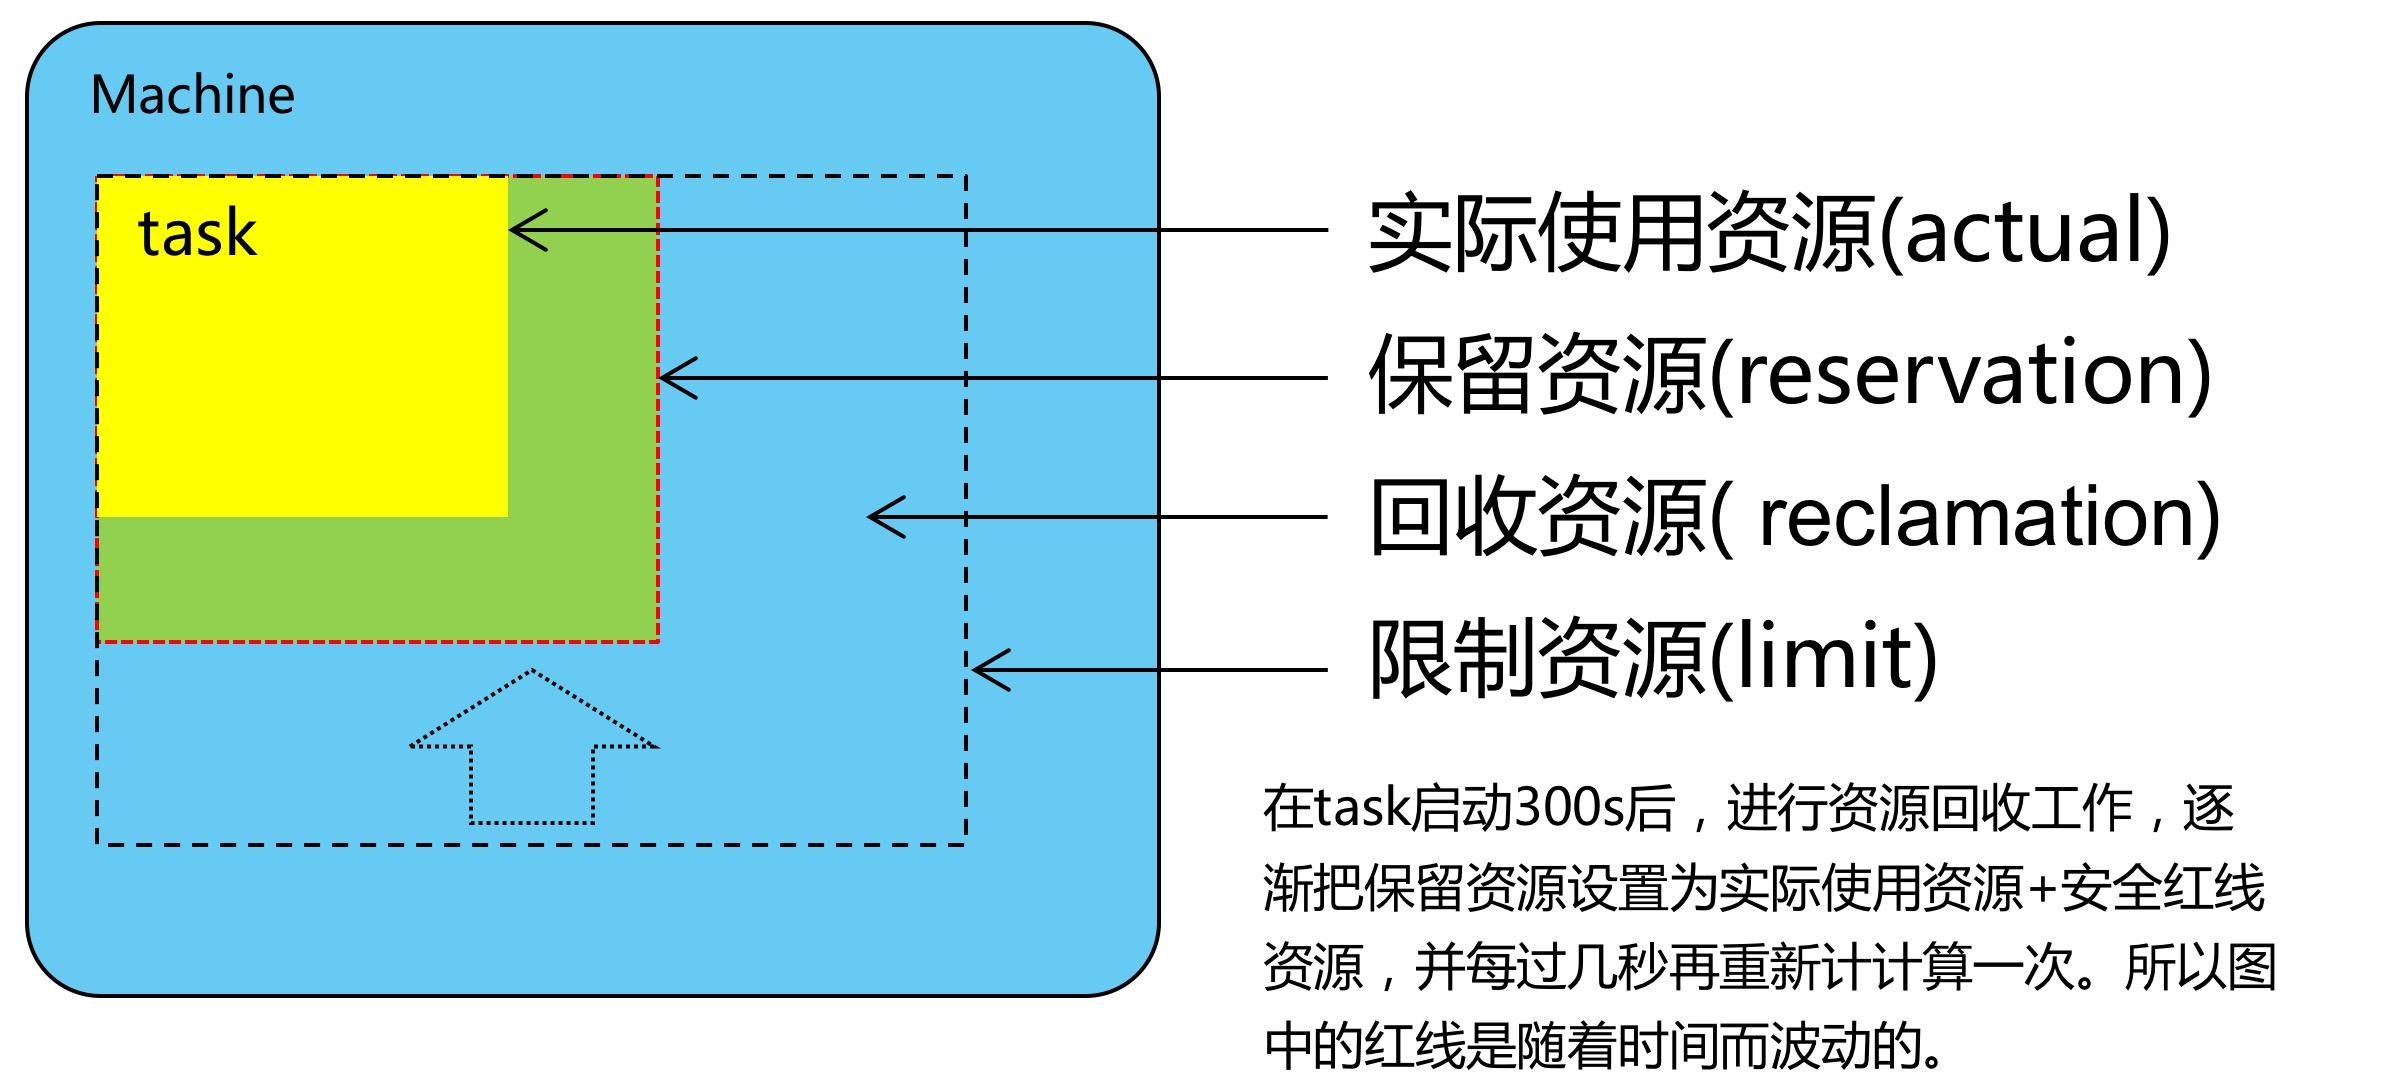 05435753-26E1-46C8-A301-FE7408121C03.png